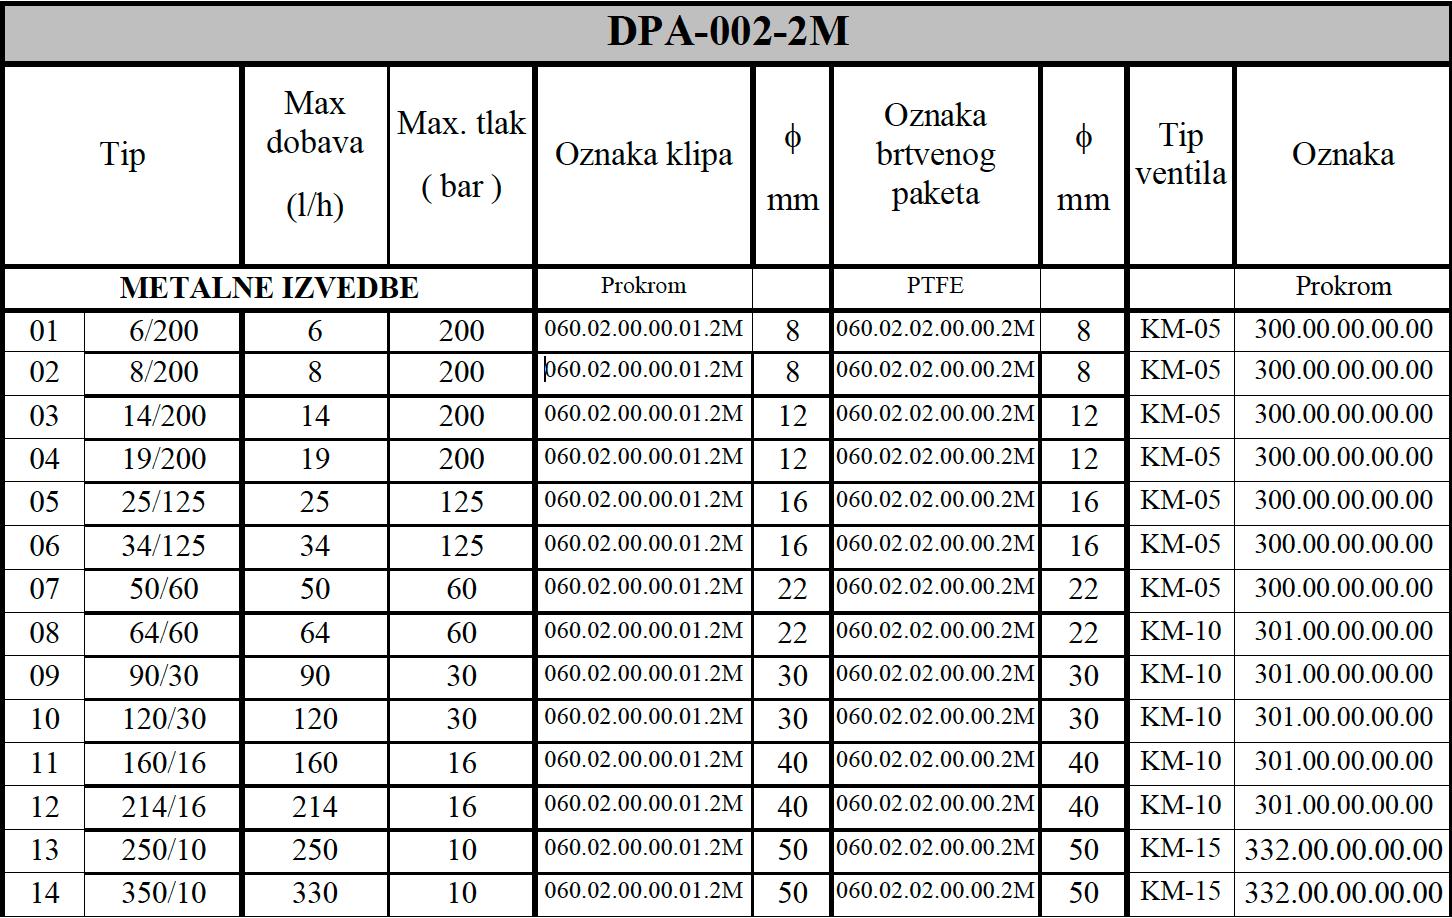 DPA 002 2M tablica 1